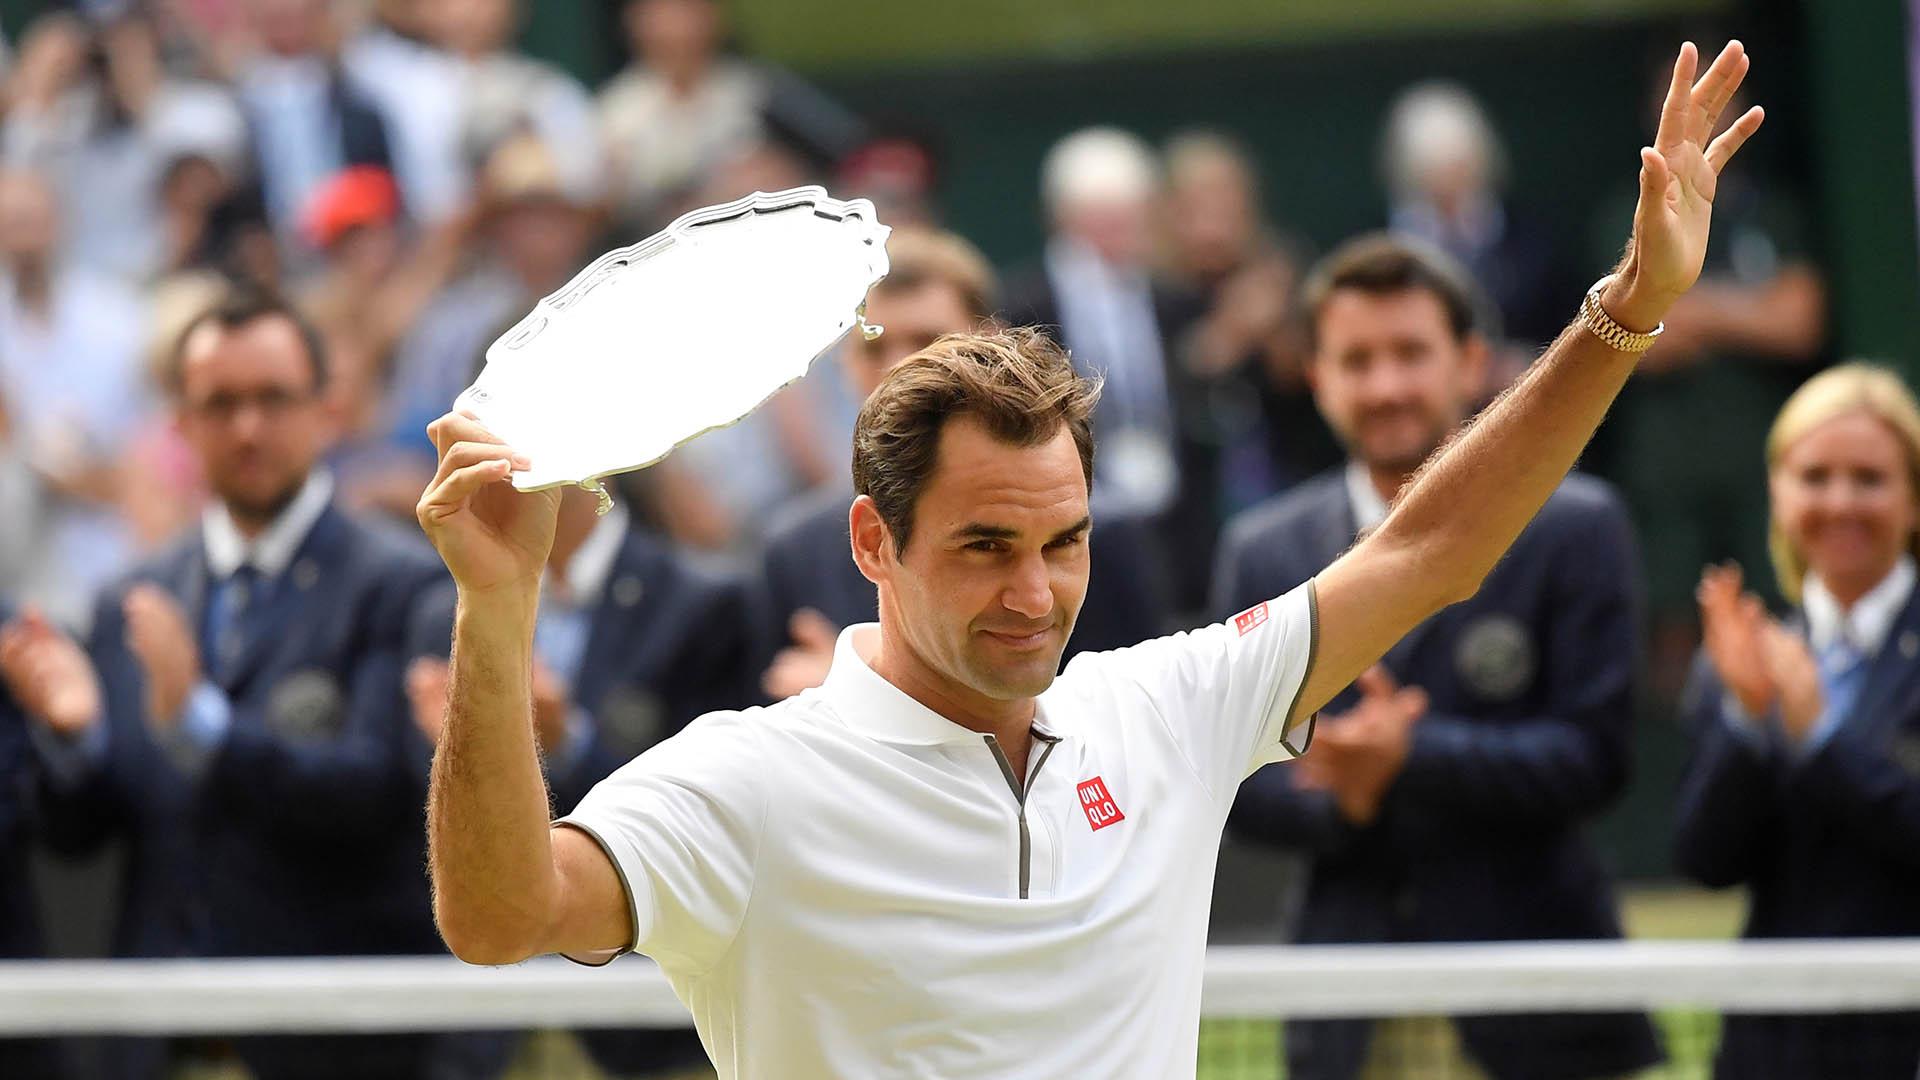 El suizo no pudo conquistas su noveno Wimbledon (REUTERS)